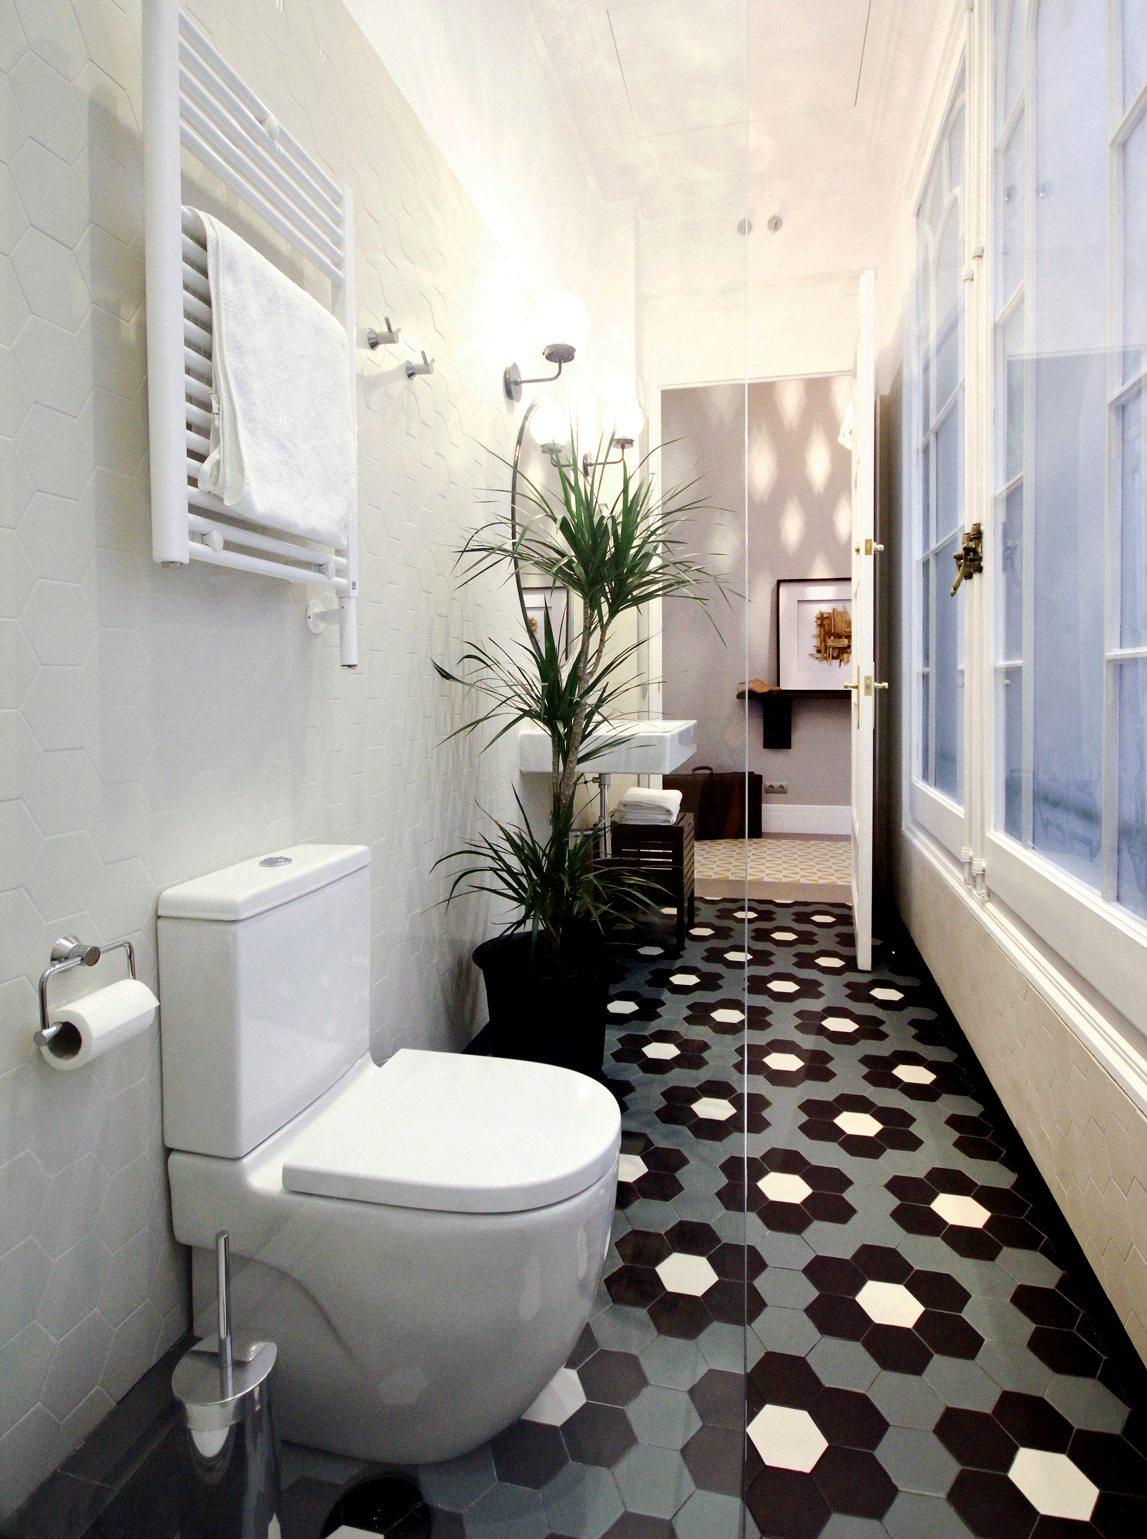 Deze mooie badkamer heeft een retro look gekregen! | Inrichting-huis.com